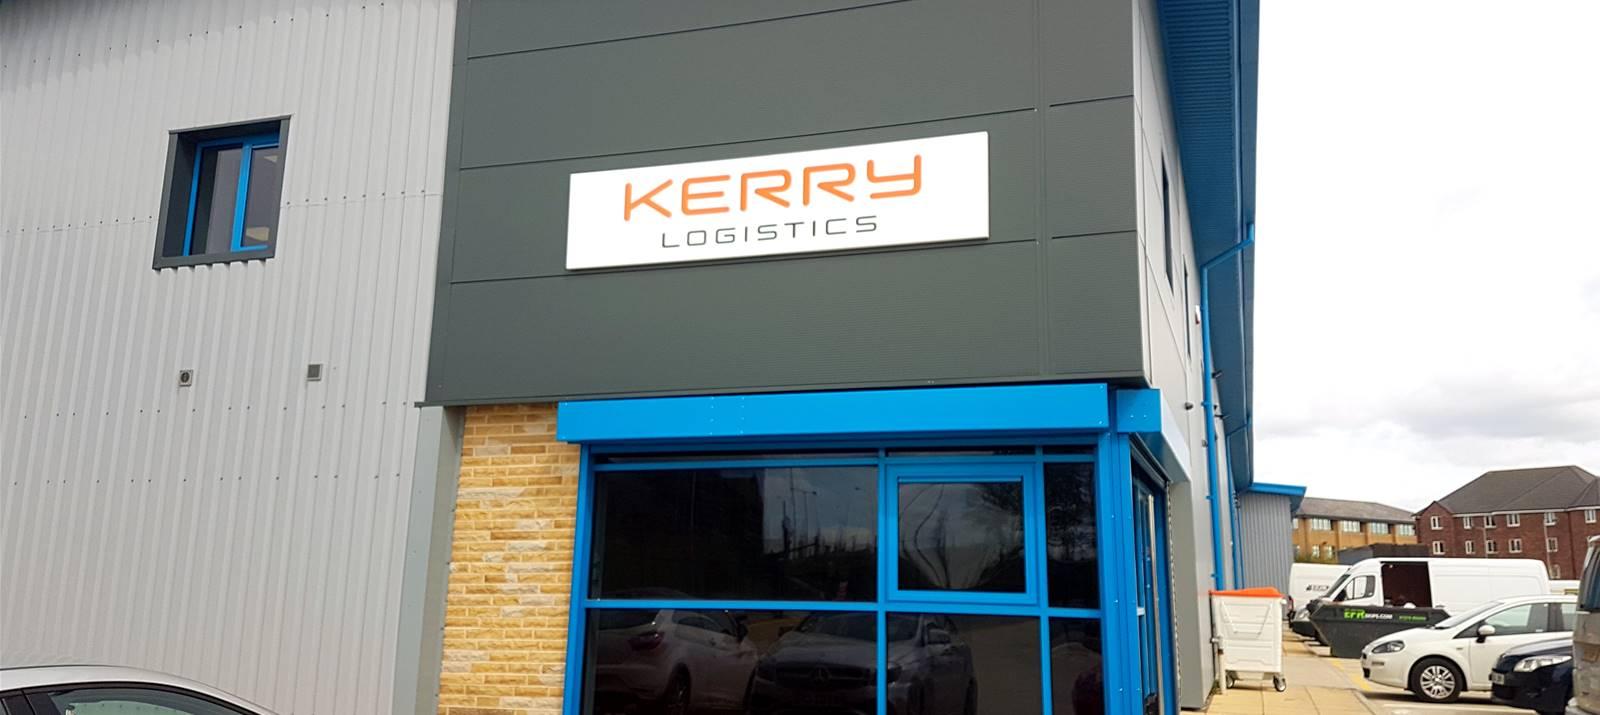 Logistics Company gets new signage